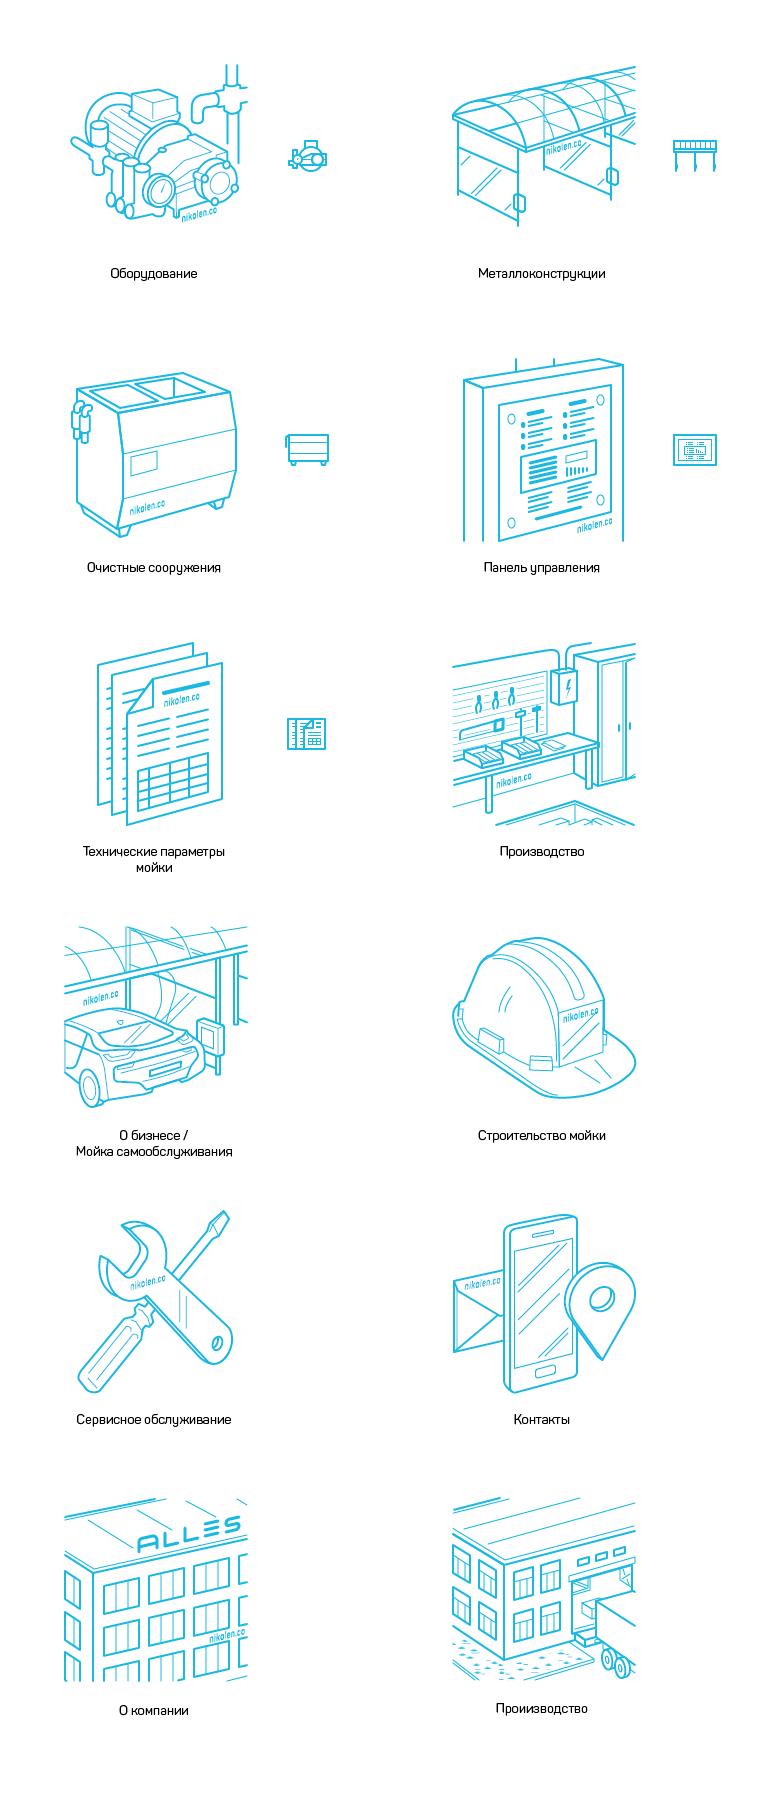 Контурные иконки в проекции — оборудование для автомоек